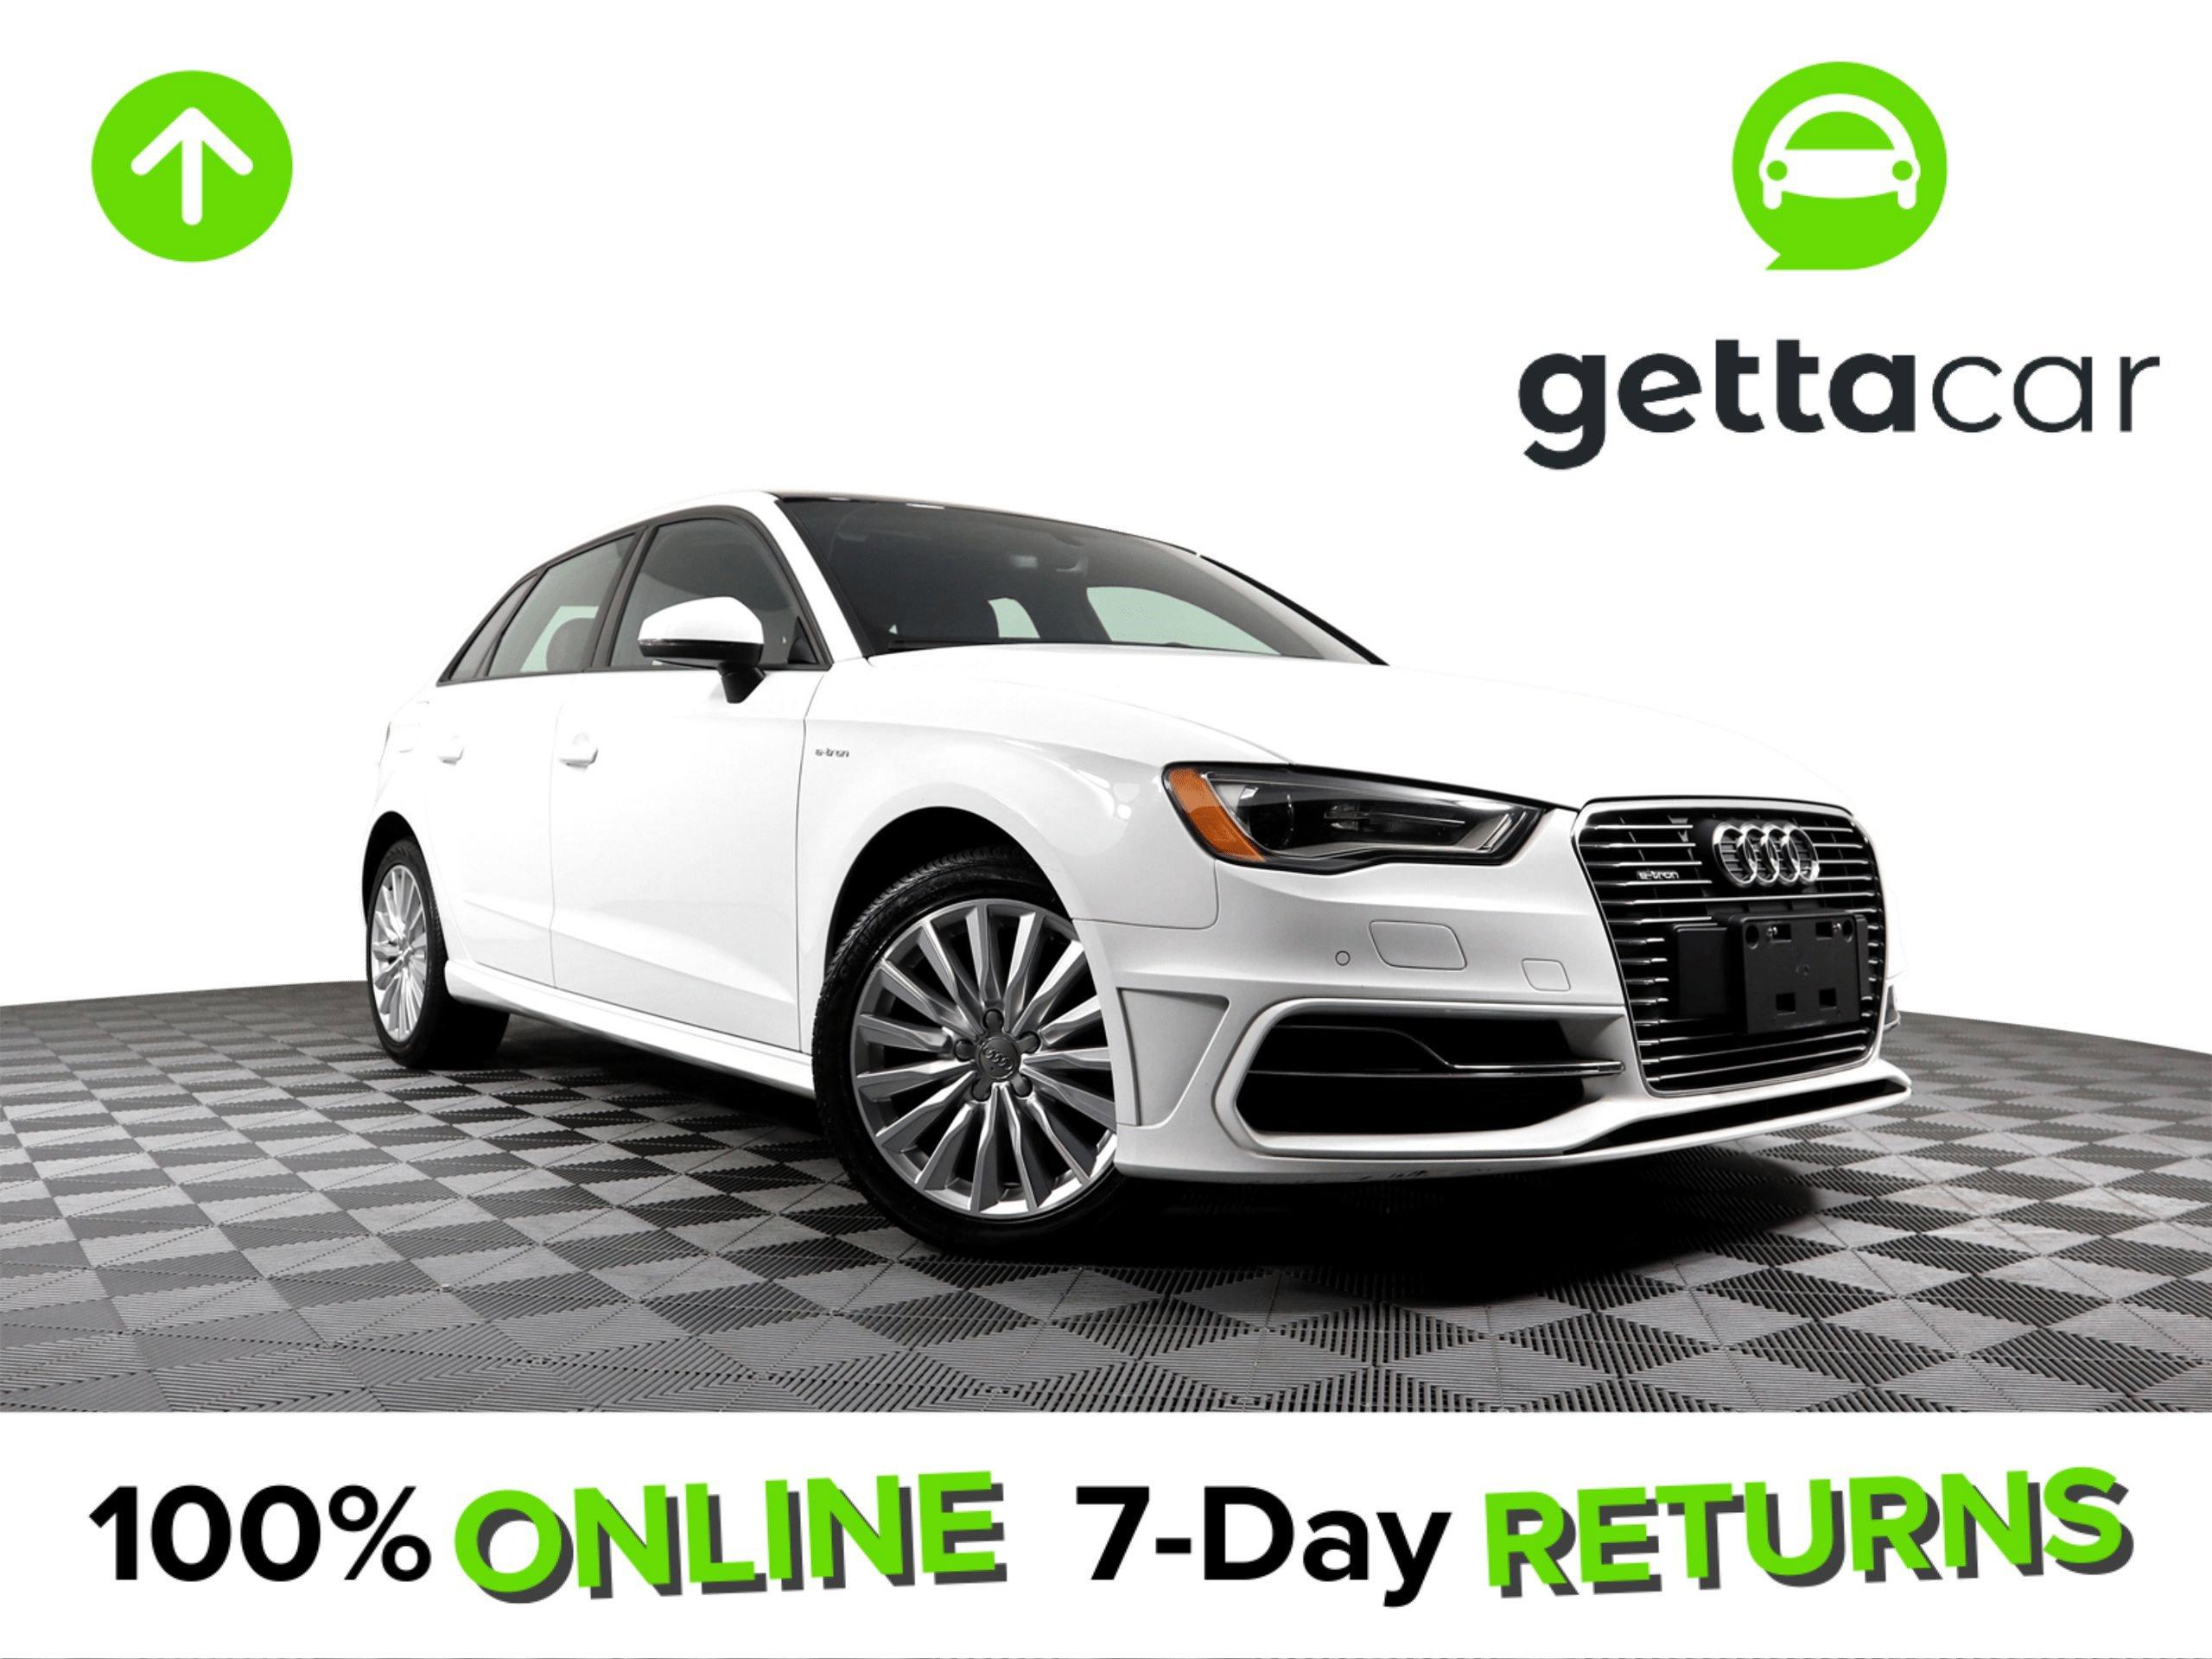 2016 Audi A3 e-tron Premium Hatchback image